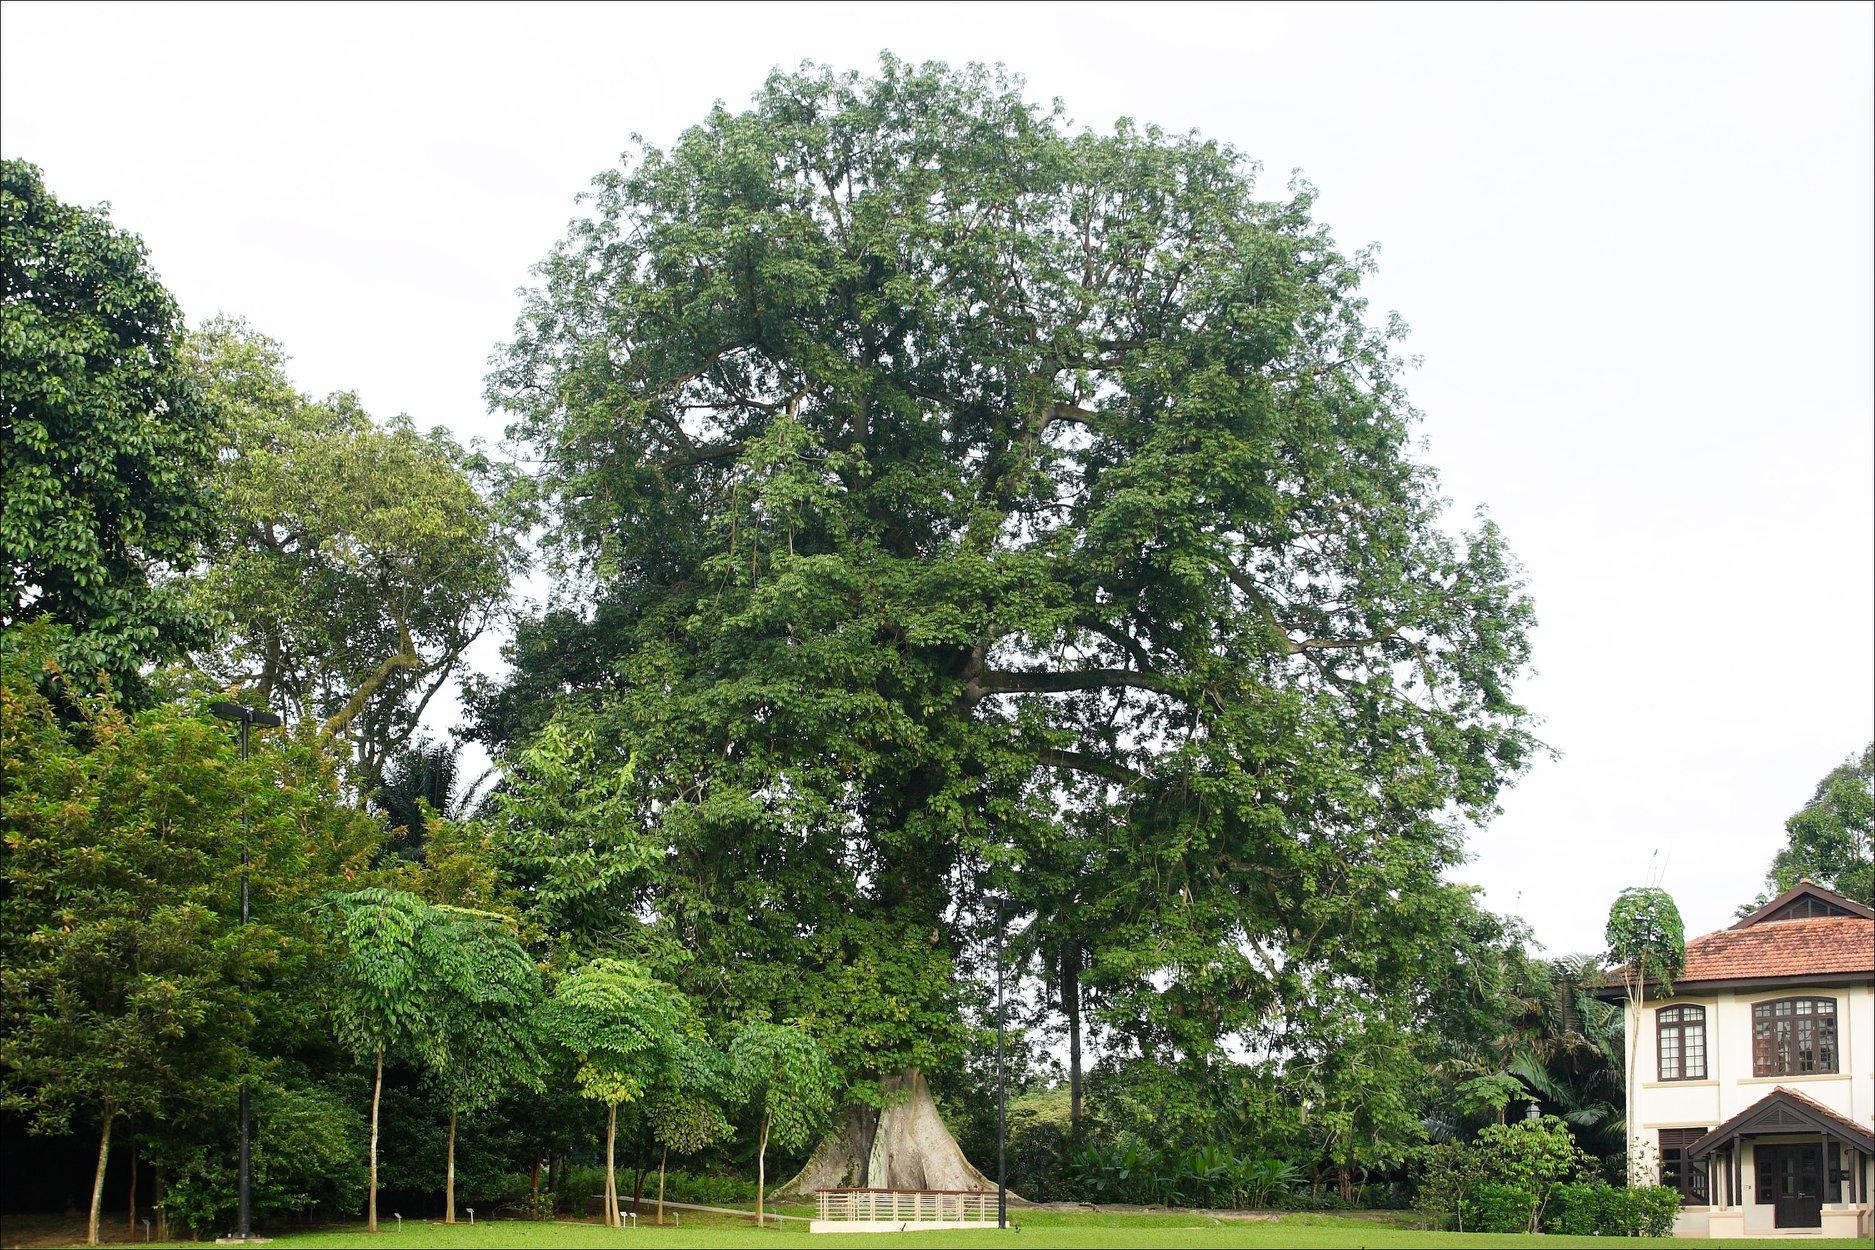 kapok tree singapore botanic gardens